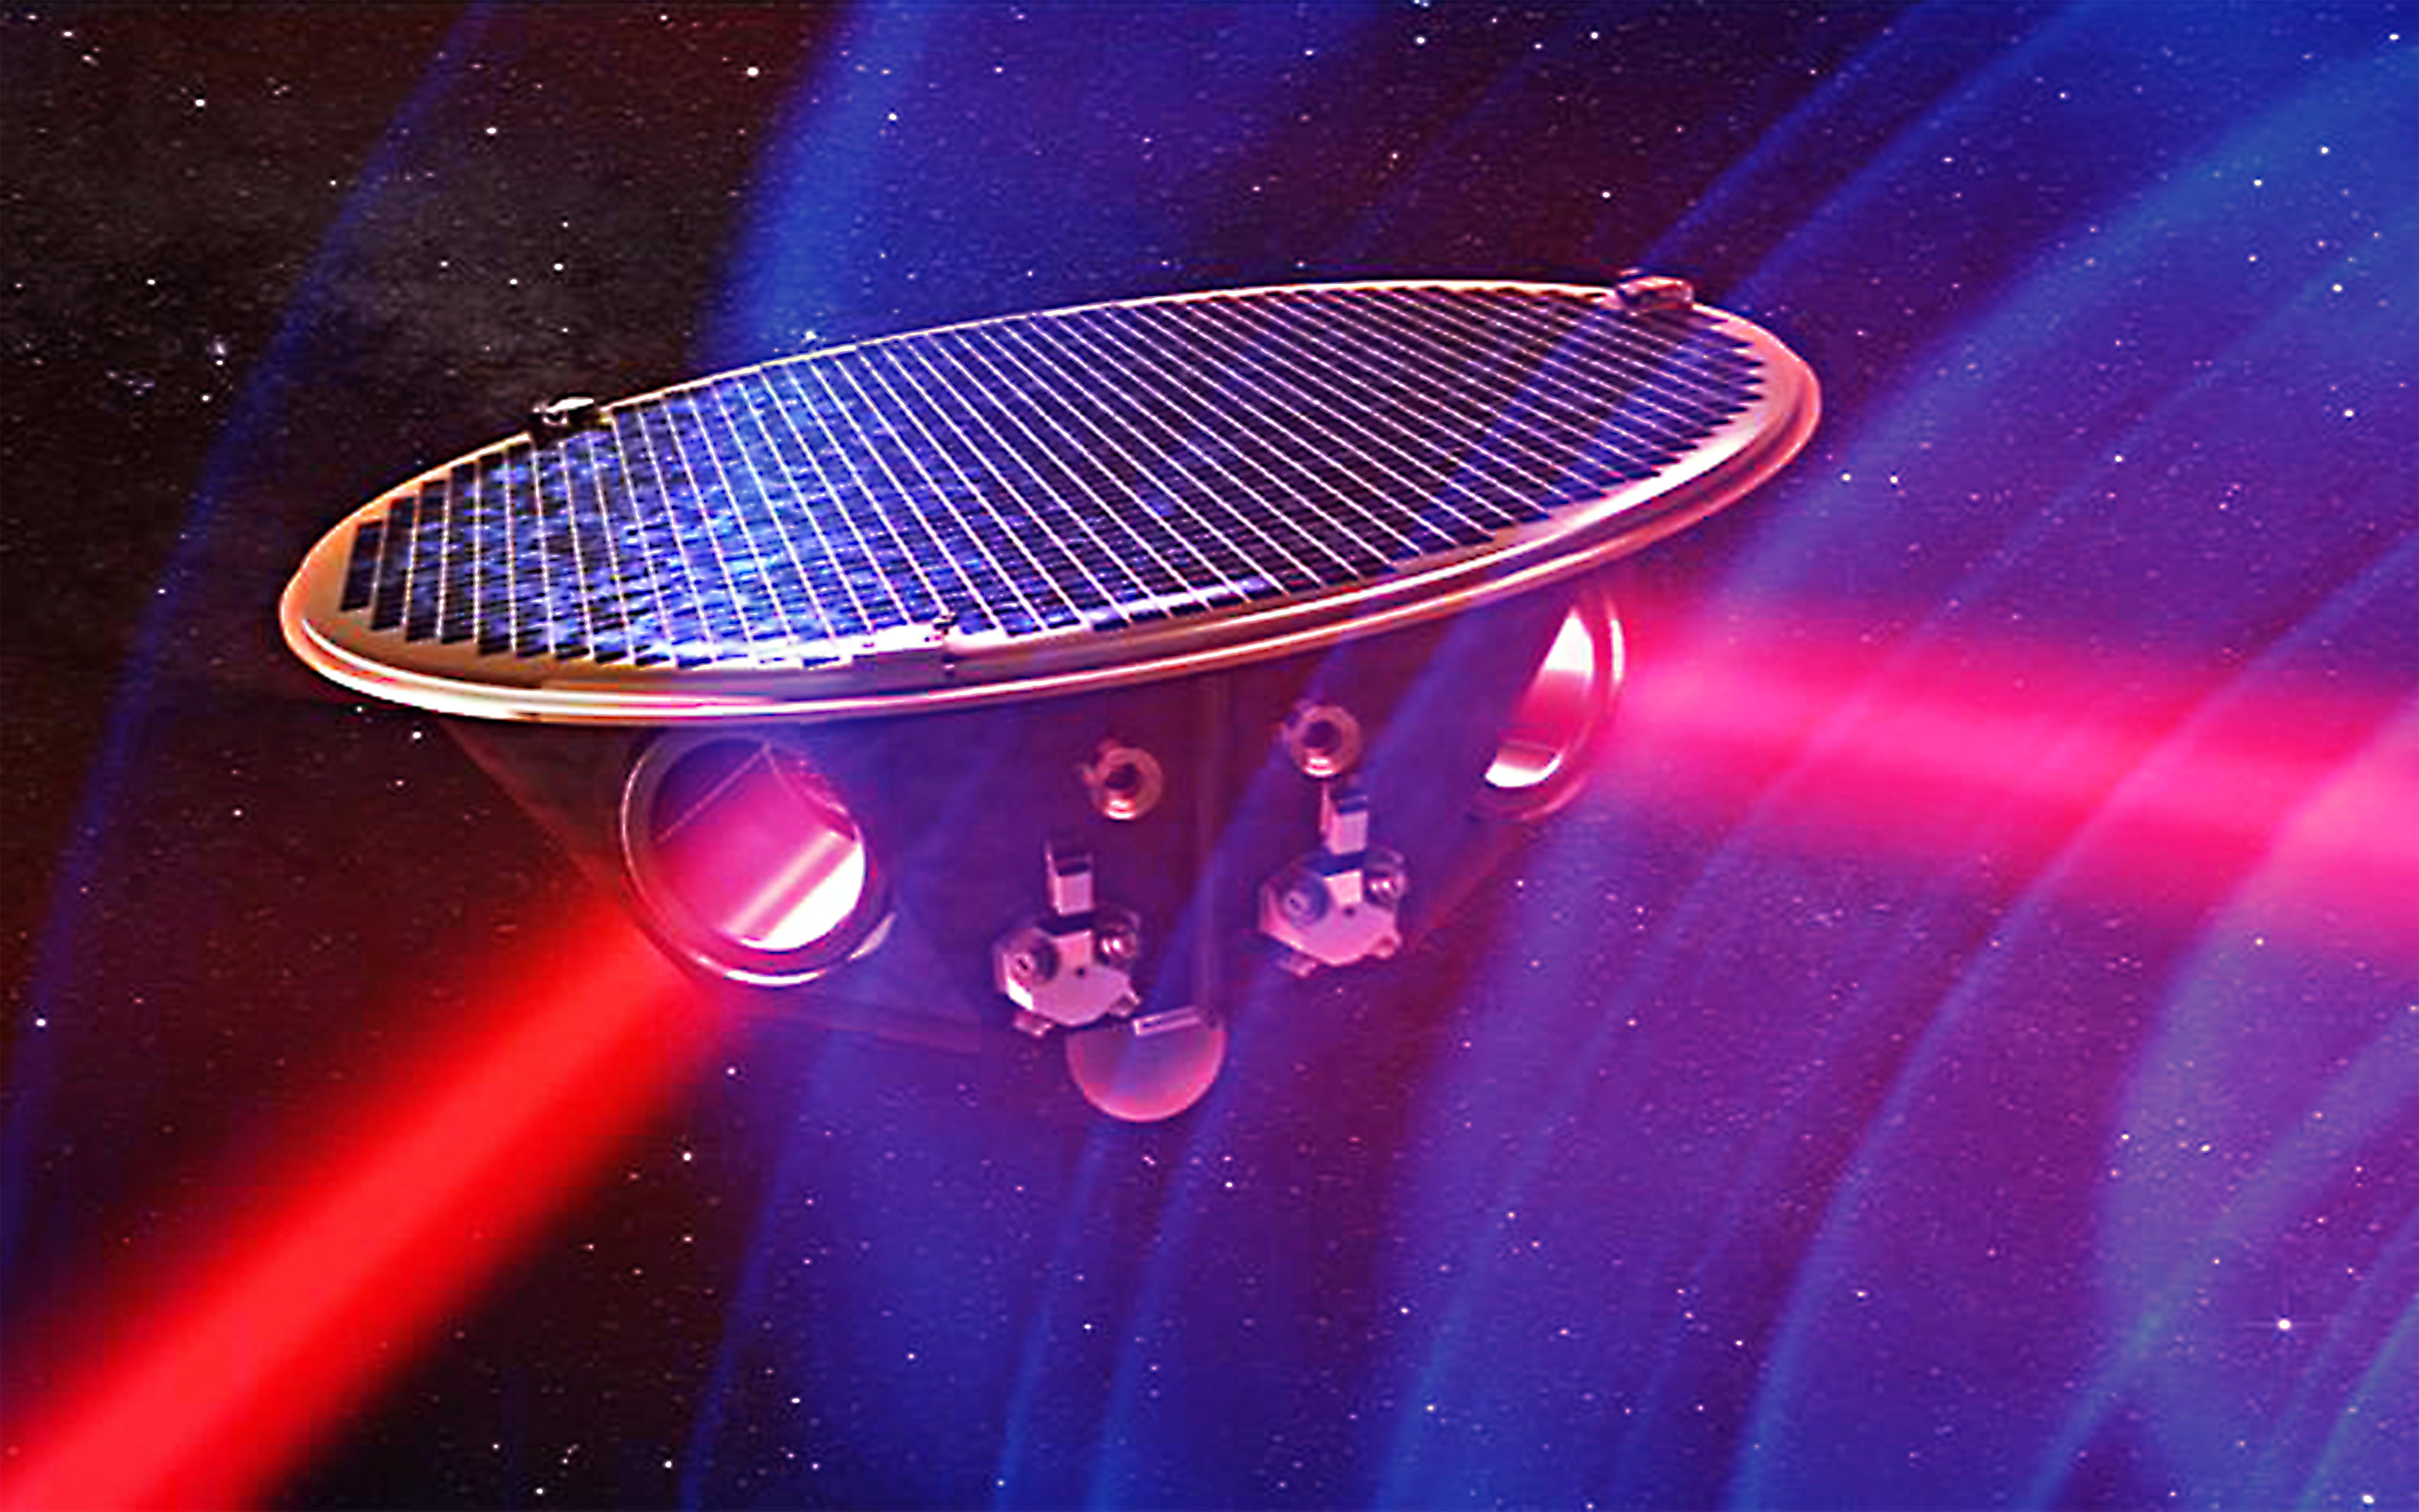 Vue d'artiste d'un des trois satellites de la constellation eLISA